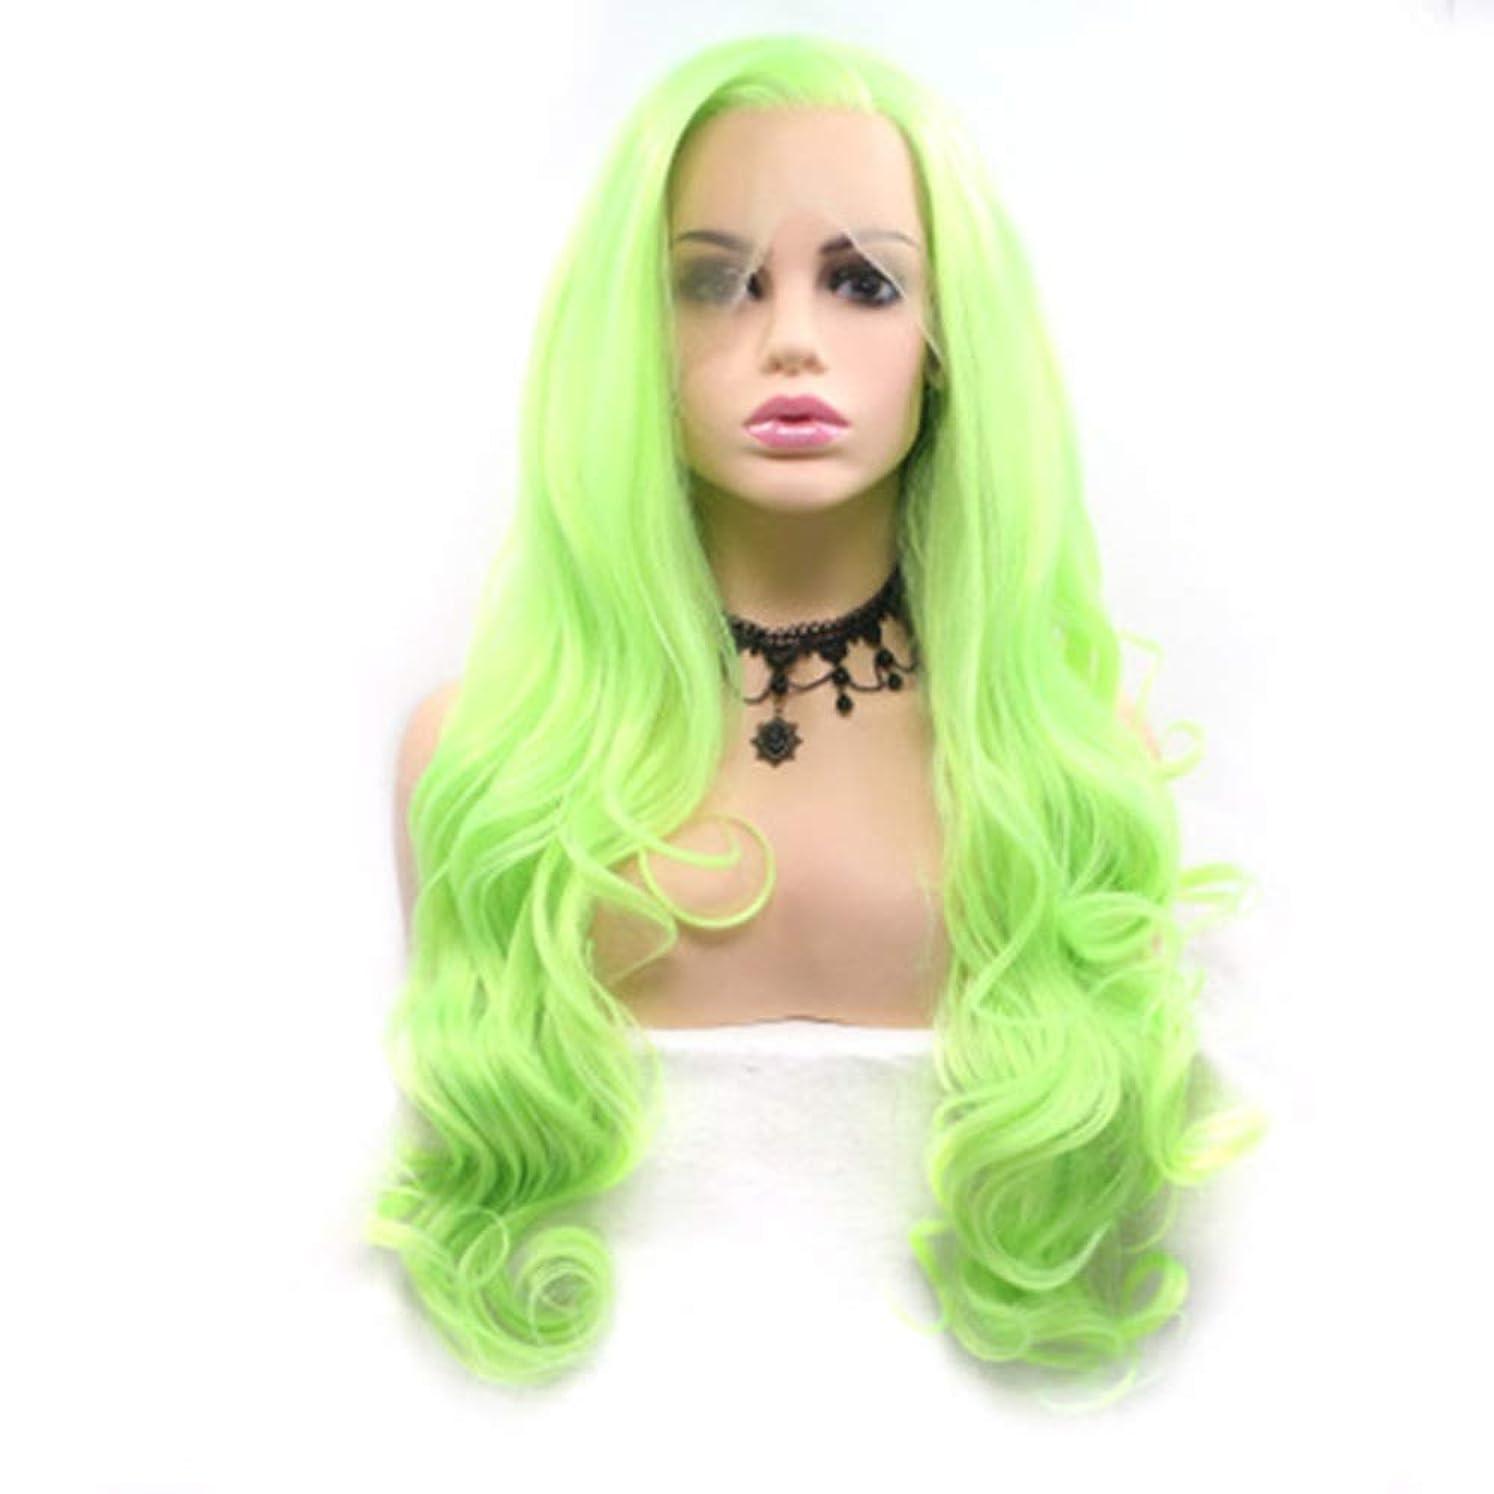 ニッケル注入トランペットZXF 蛍光グリーンかつらヨーロッパとアメリカの女性の長い巻き毛のパーティーCOS化学繊維かつらヘッドギア 美しい